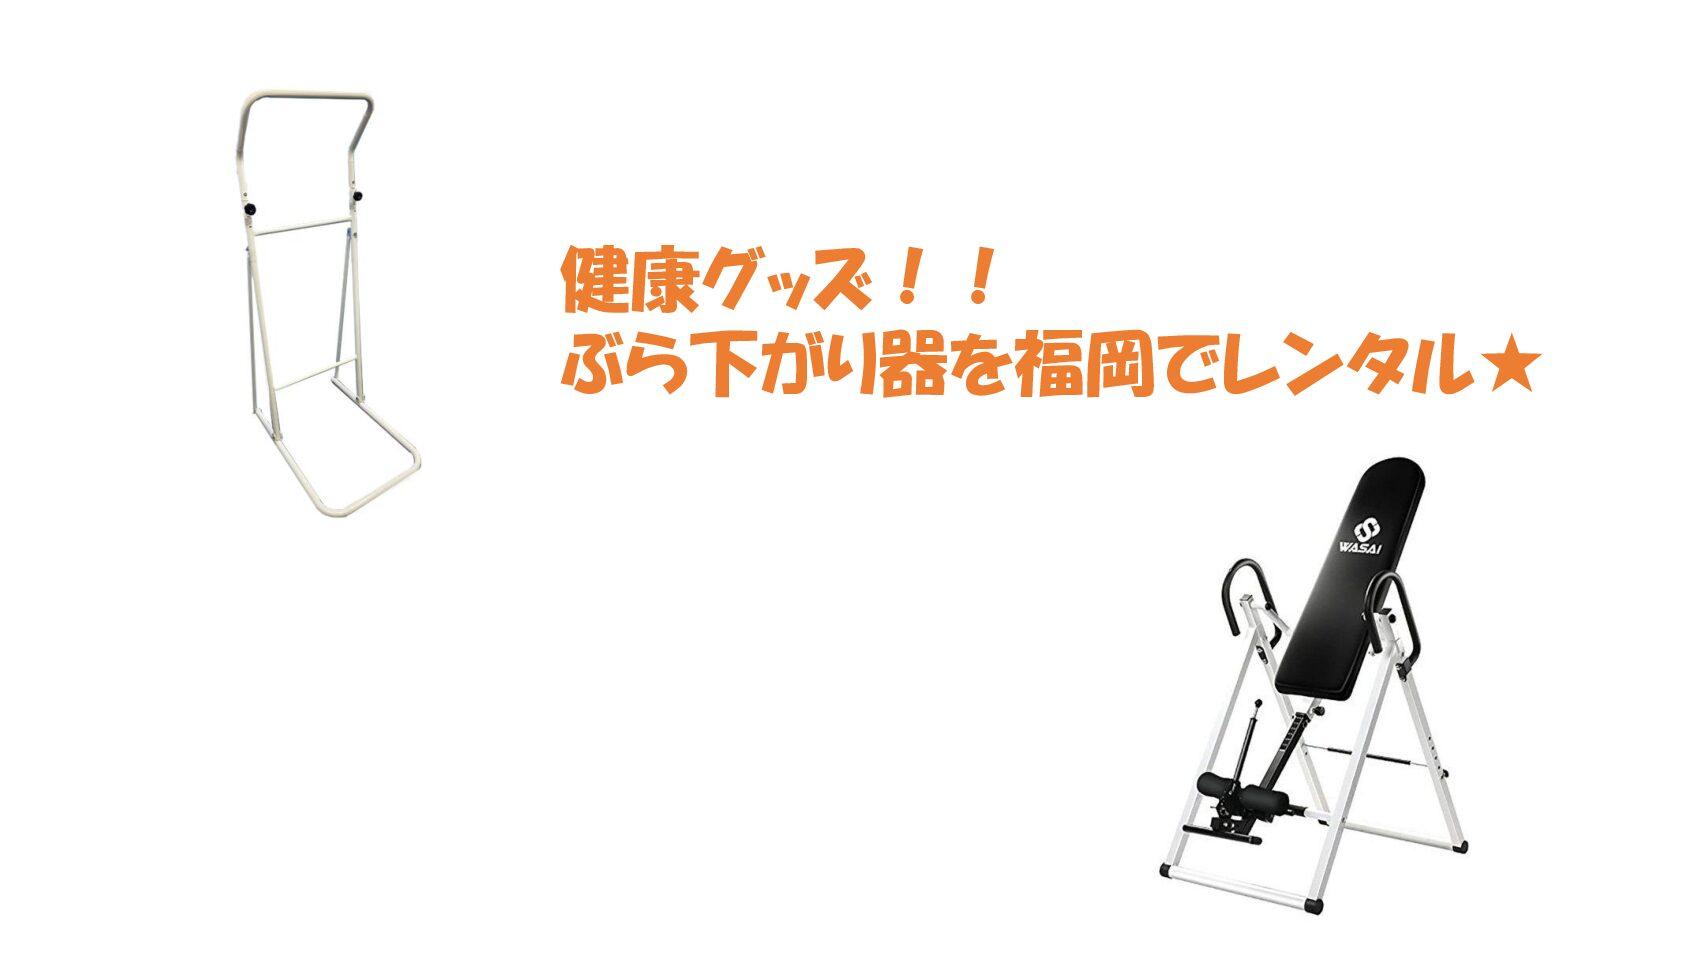 福岡でレンタル!ぶら下がり健康器で健康を見直しませんか?